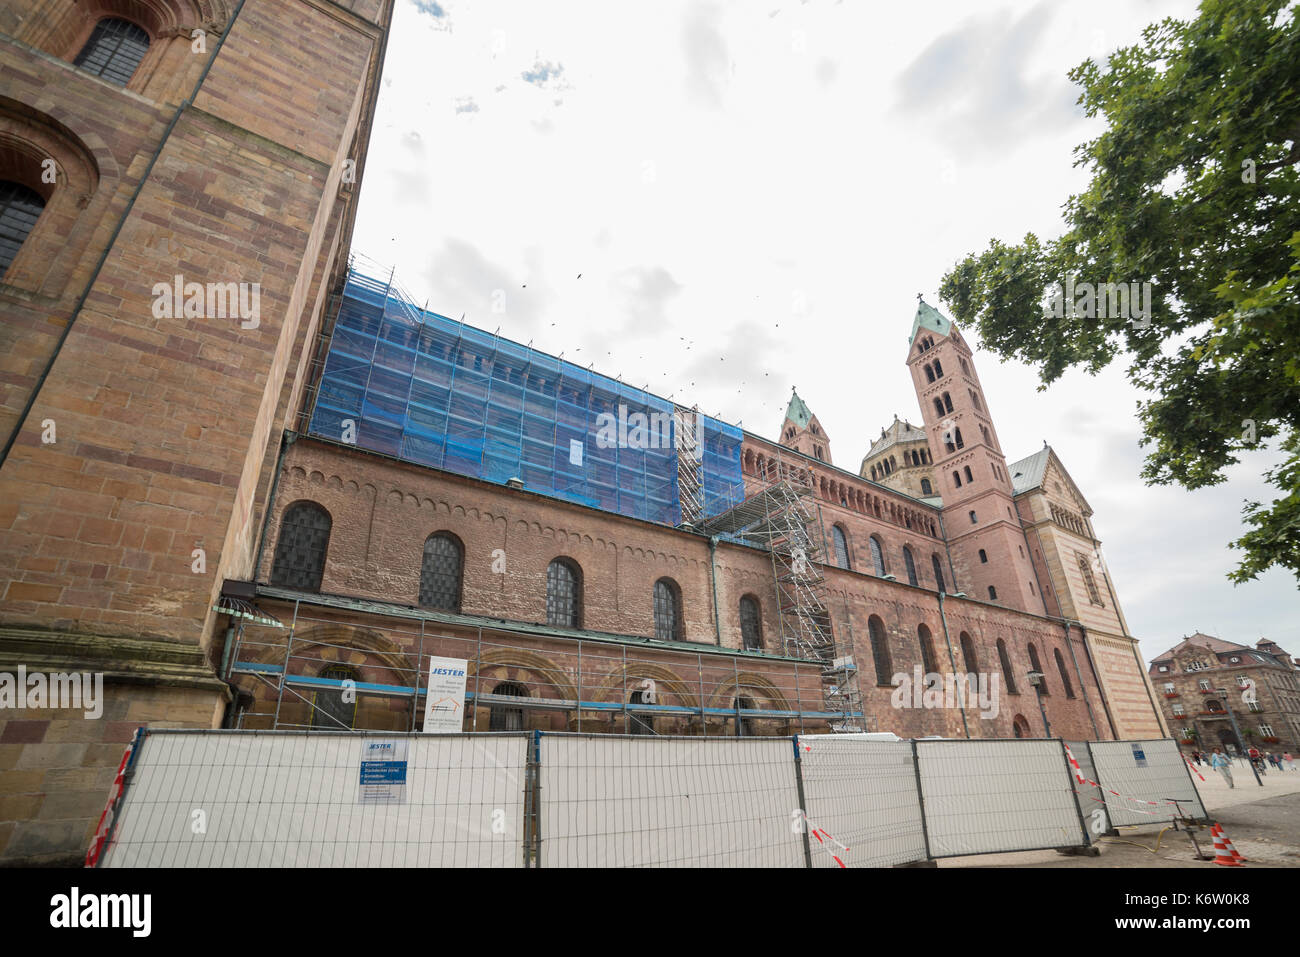 Reisen, Deutschland, Rheinland-Pfalz, Speyer, Innenstadt, September 04. Restauration, Bauarbeiten an der Nordseite des Doms - Stock Image